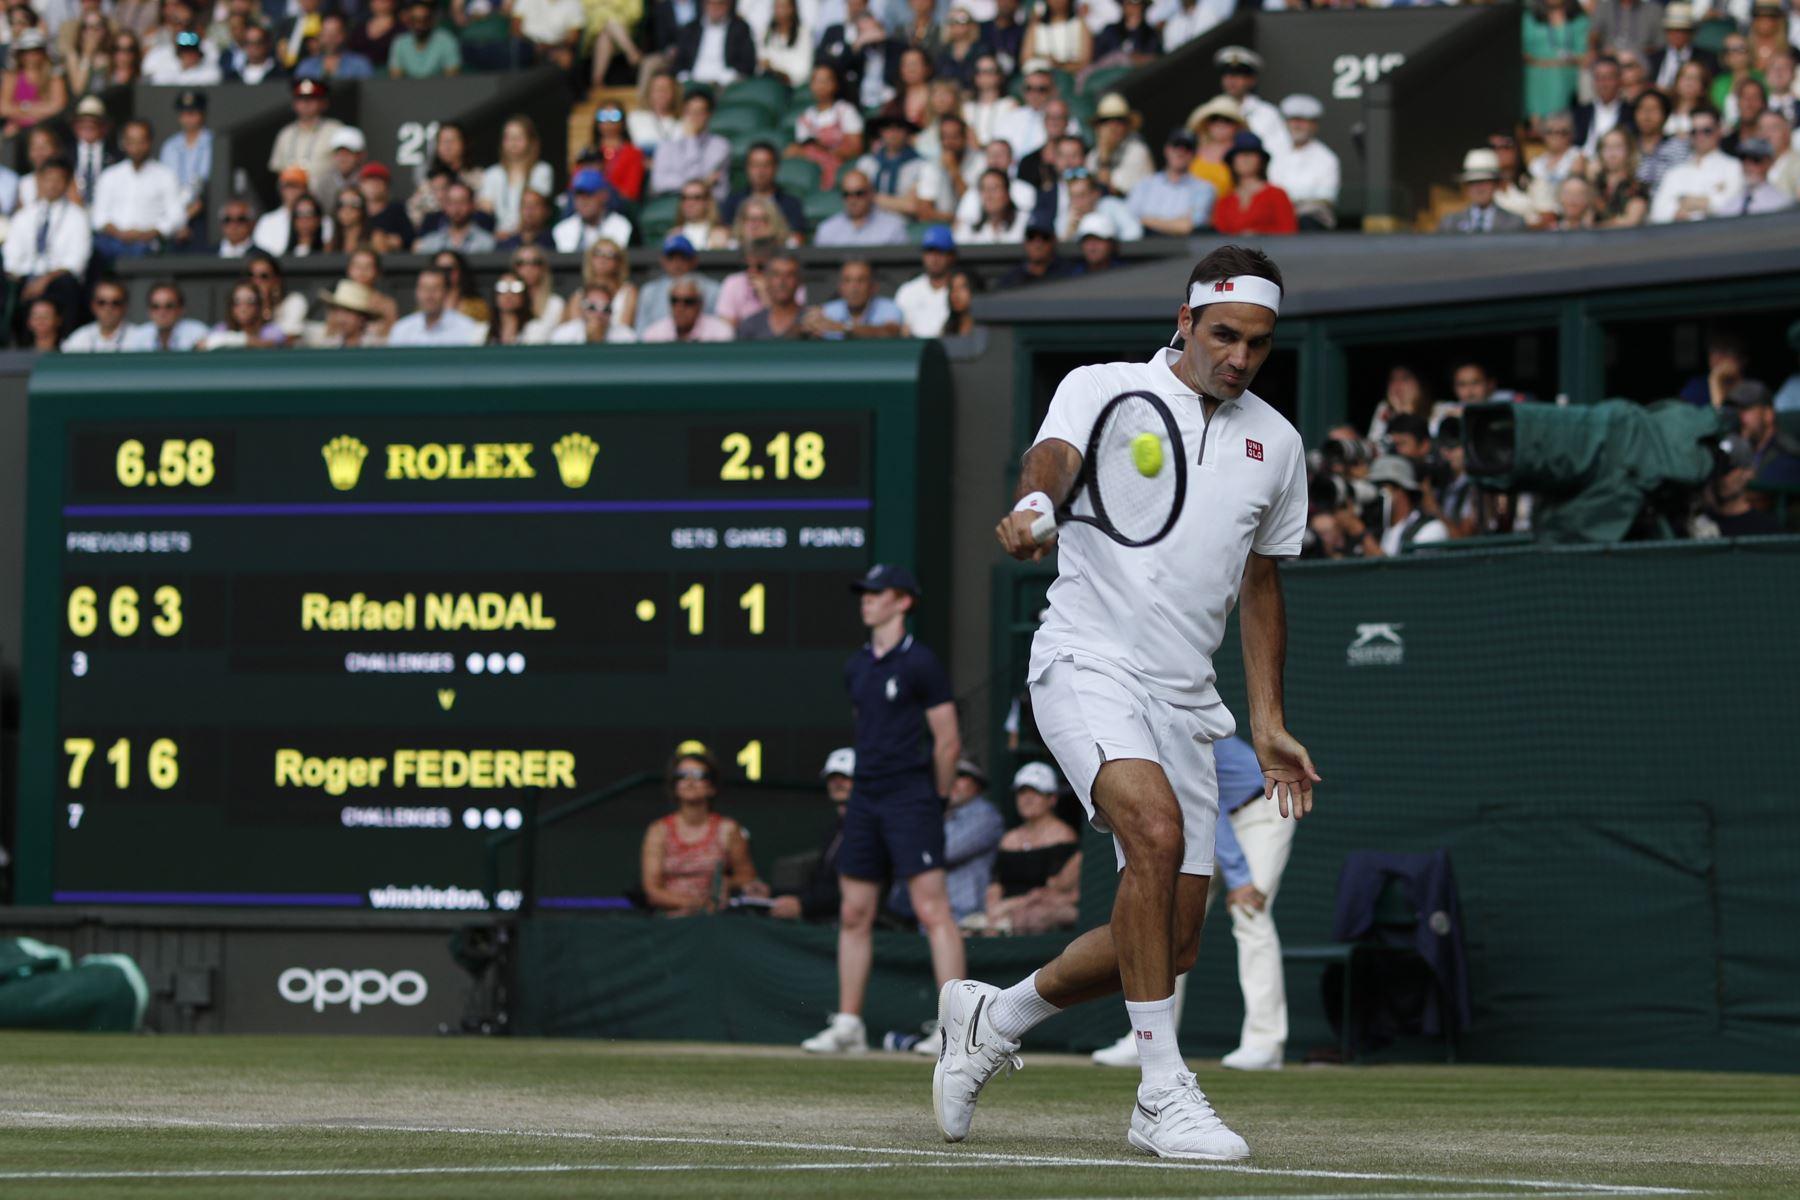 El suizo Roger Federer jugará la final de Wimbledon ante el serbio Novak Djokovic, luego de derrotar al español Rafael Nadal por 7-6 (3), 1-6, 6-3 y 6-4. Foto: AFP